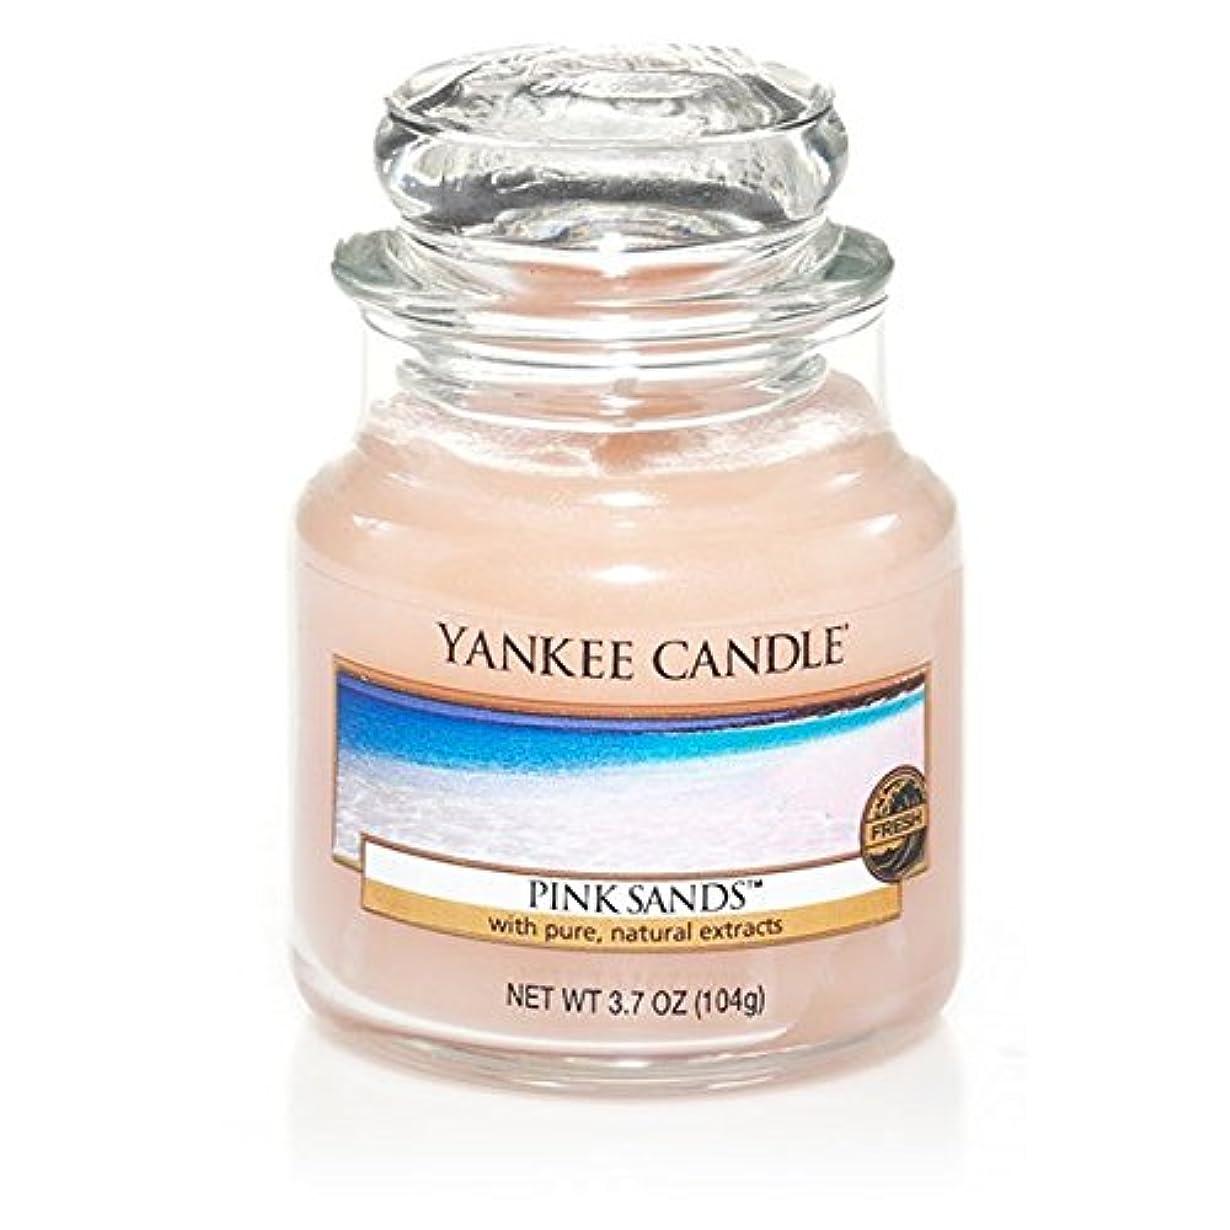 YANKE CANDLE(ヤンキーキャンドル):YCジャーS ピンクサンド YK00305147